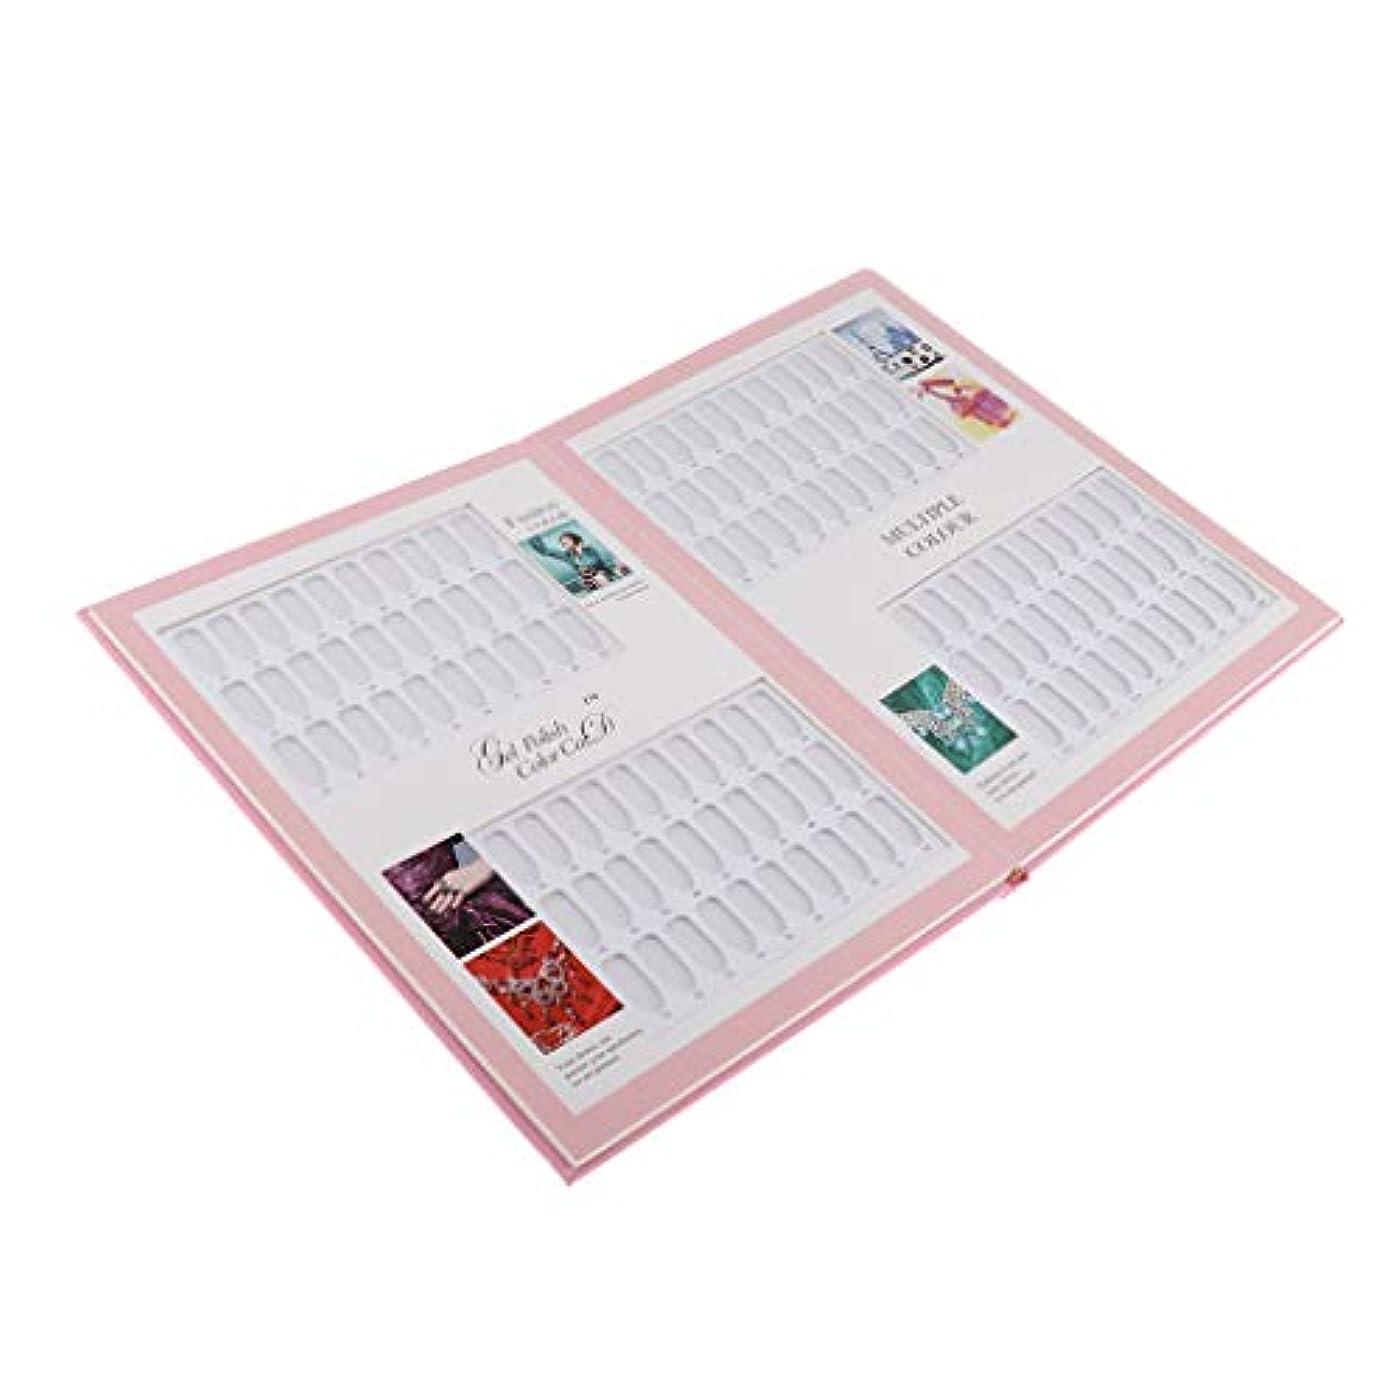 神聖共同選択バケットPerfeclan ネイルカラーガイド ネイルアート マニキュア色見本 ネイルカラーカードブック ネイルディスプレイ ピンク - 06